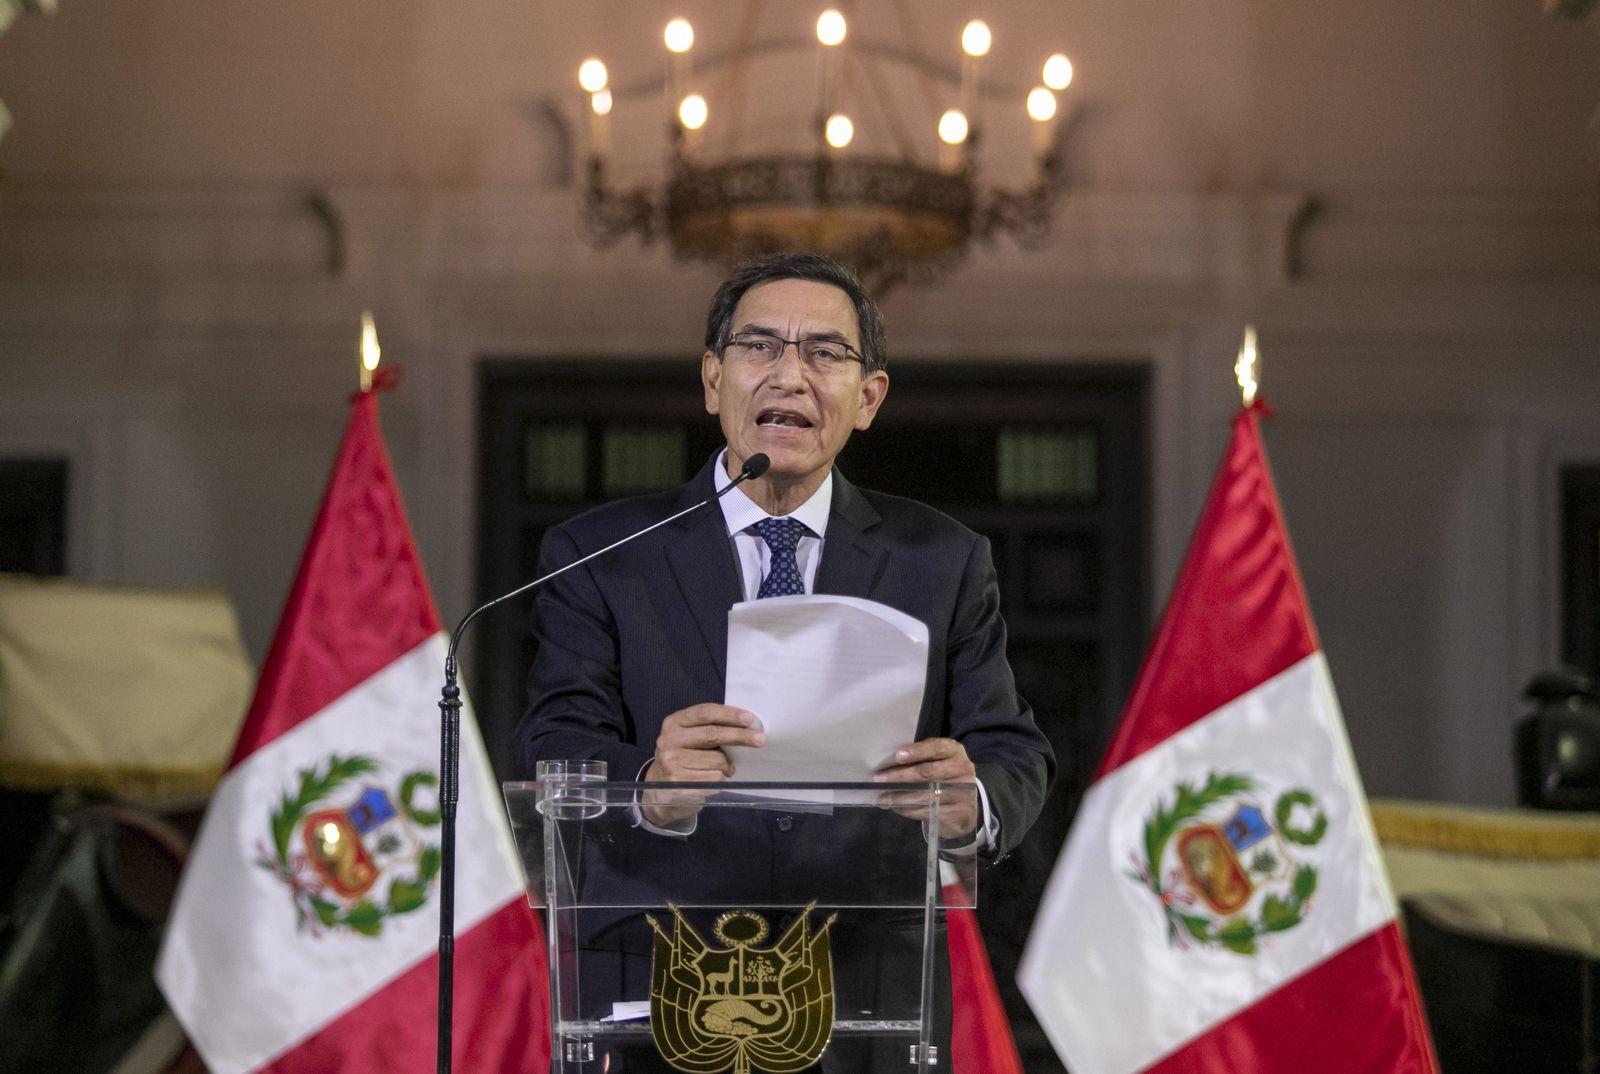 Machtkampf in Peru